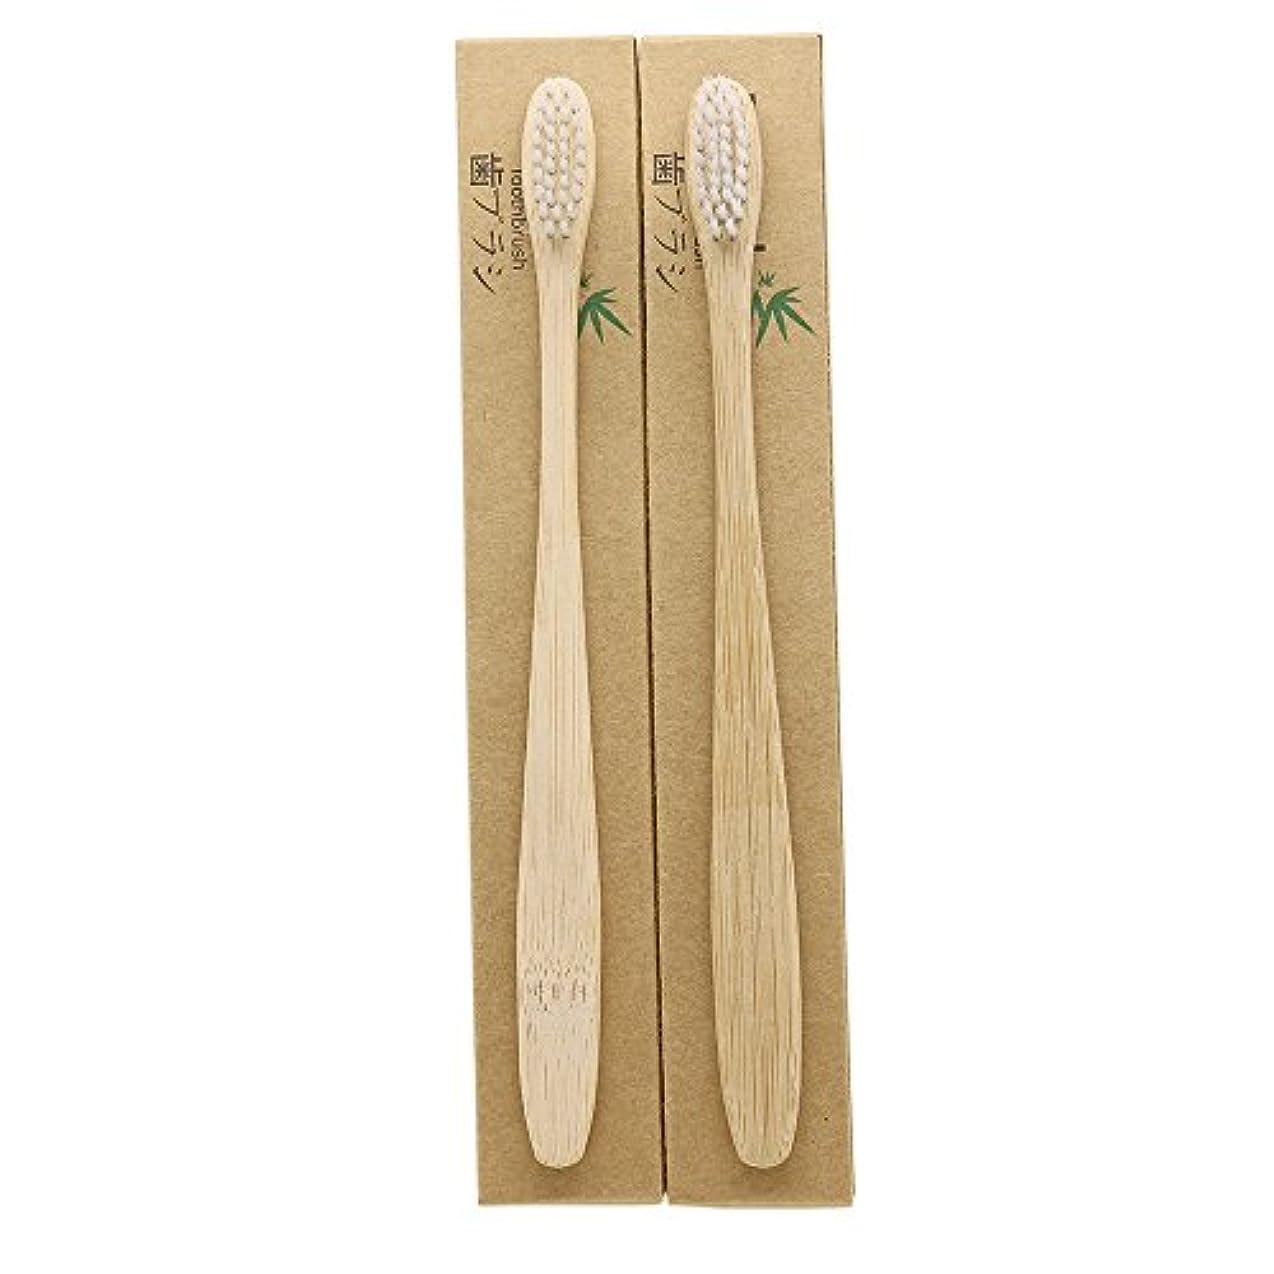 ドール俳優例外N-amboo 竹製耐久度高い 歯ブラシ 2本入り セット エコ ヘッド小さい 白い